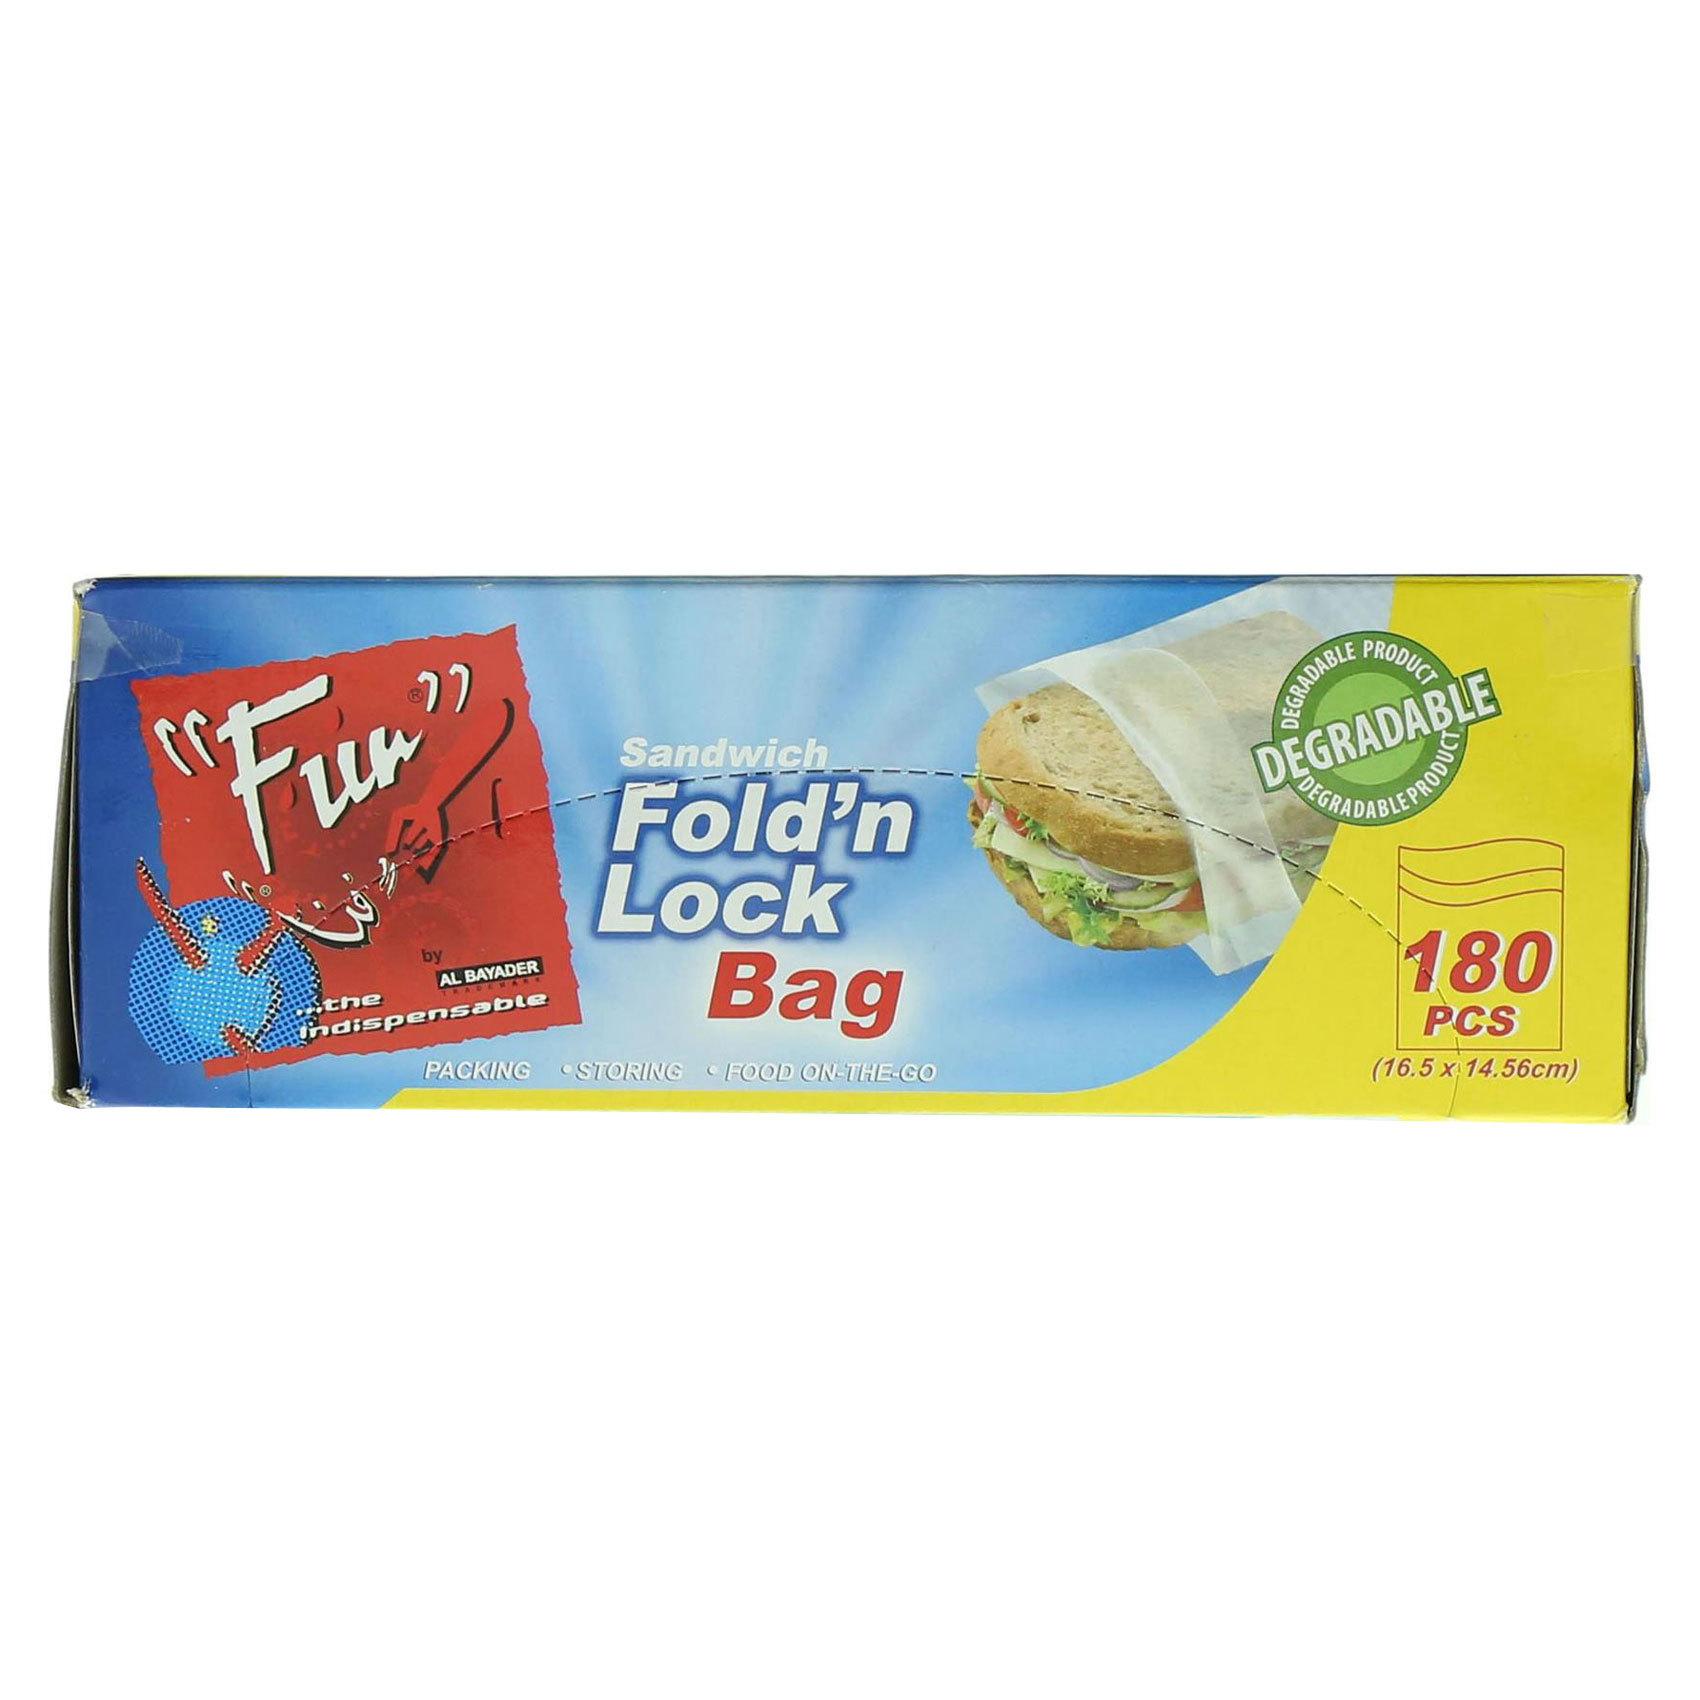 FUN FOLD'N LOCK BAGS 16.5X14.56CM